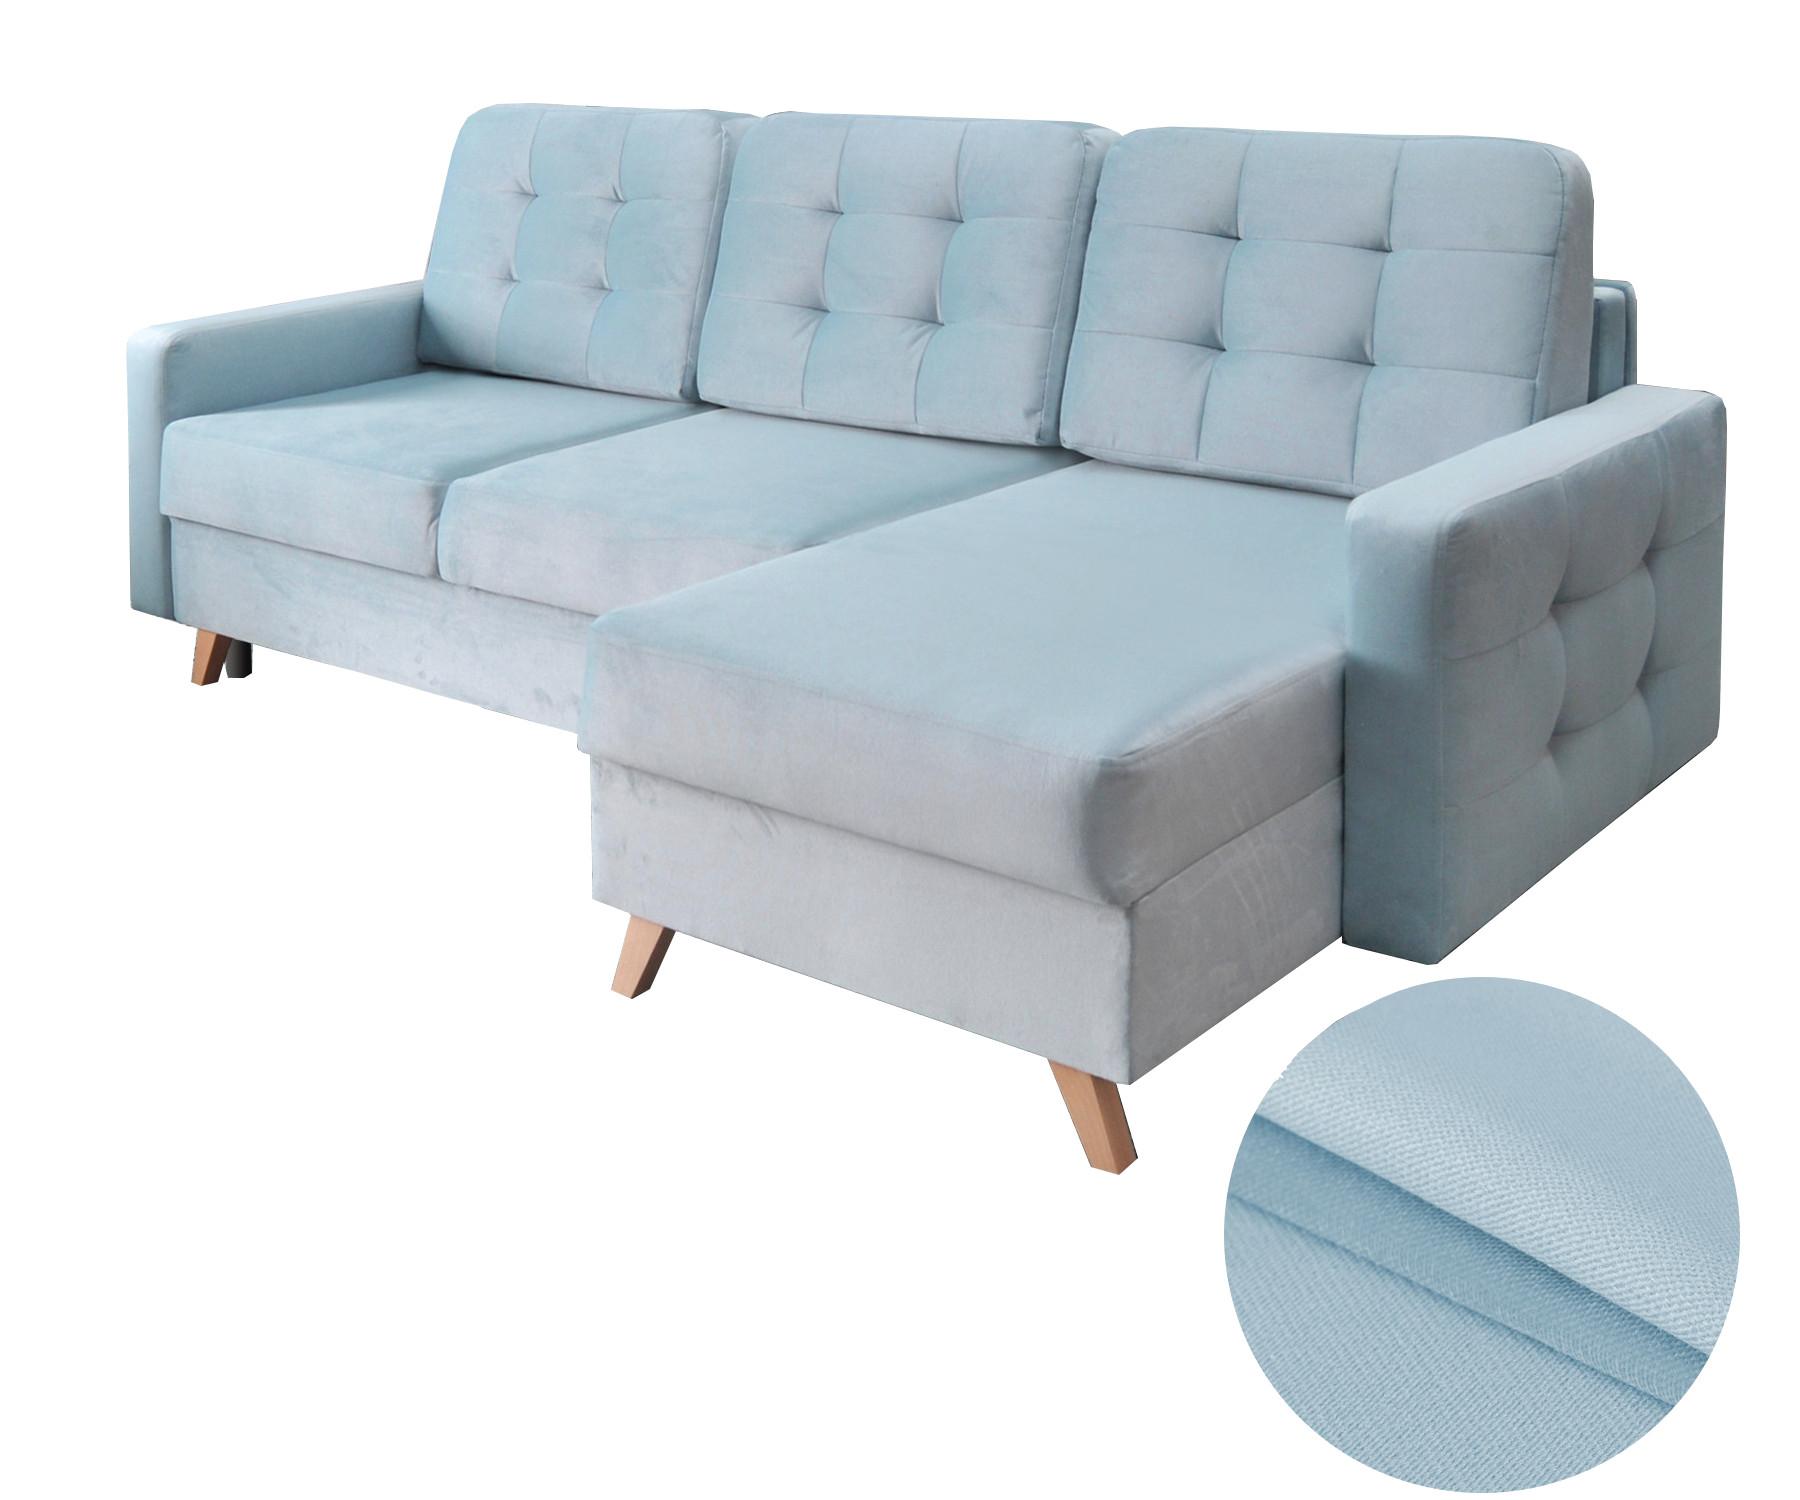 moderne ecksofa couch eckcouch mit schlaffunktion dunkelgr n design gr n carla ebay. Black Bedroom Furniture Sets. Home Design Ideas